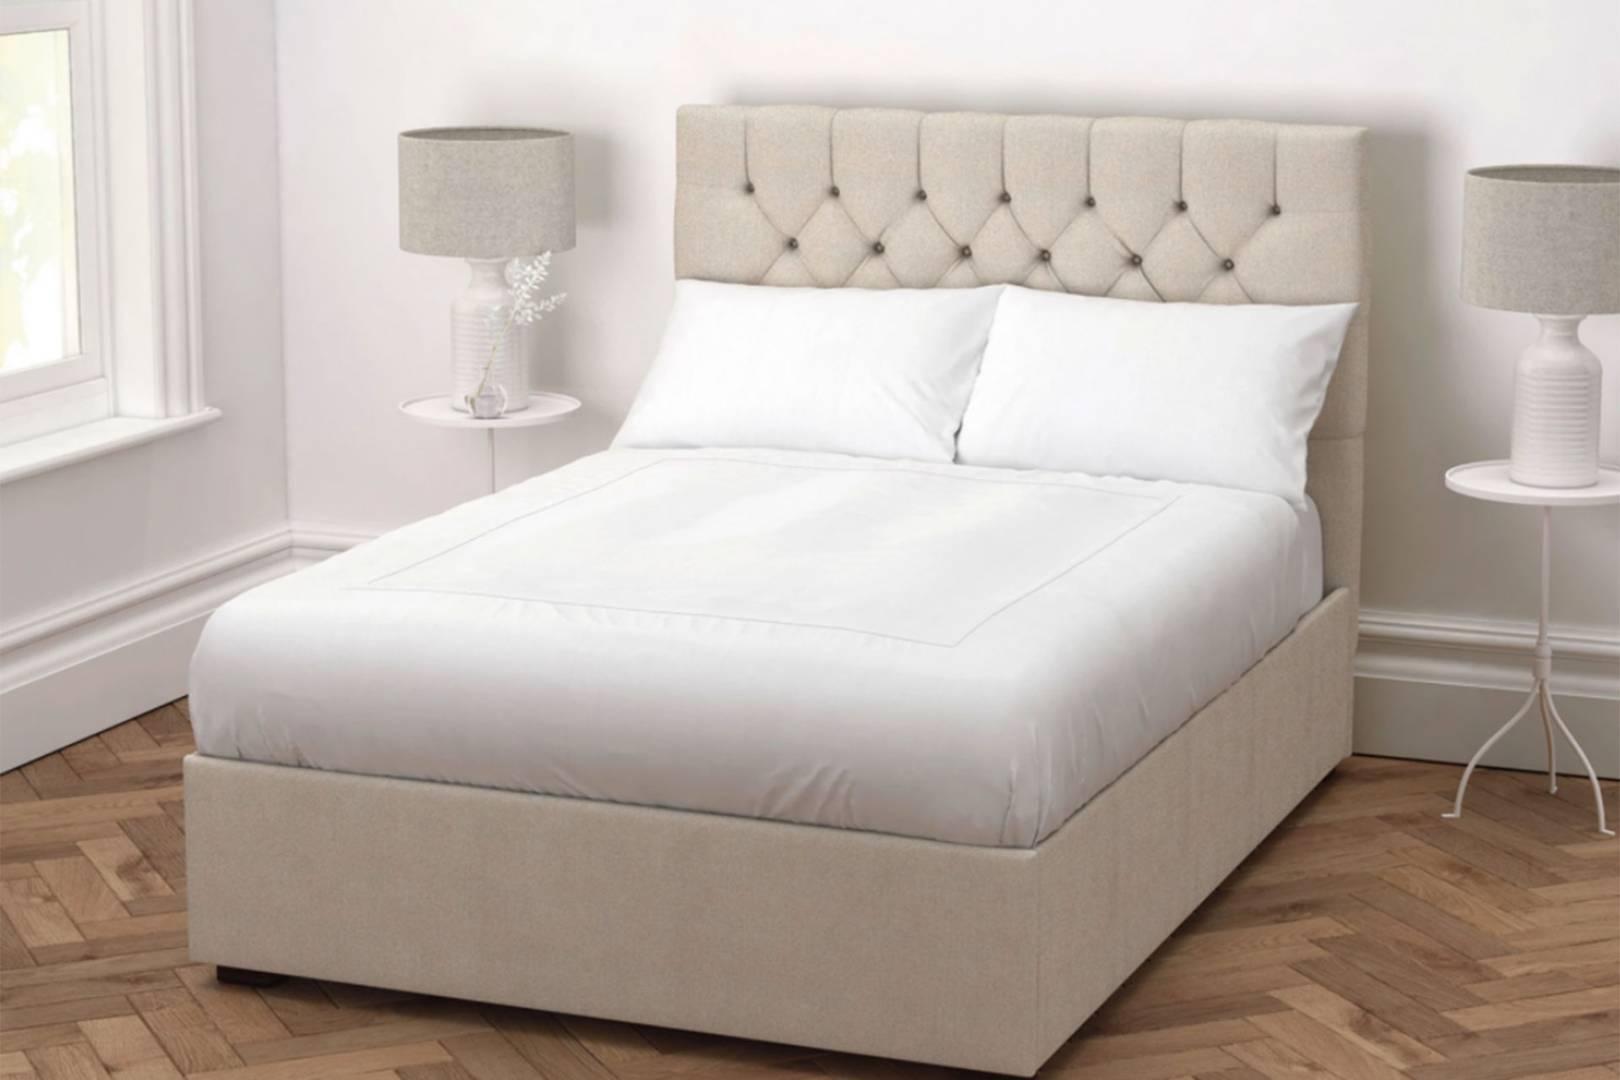 mattress sales in Auburn